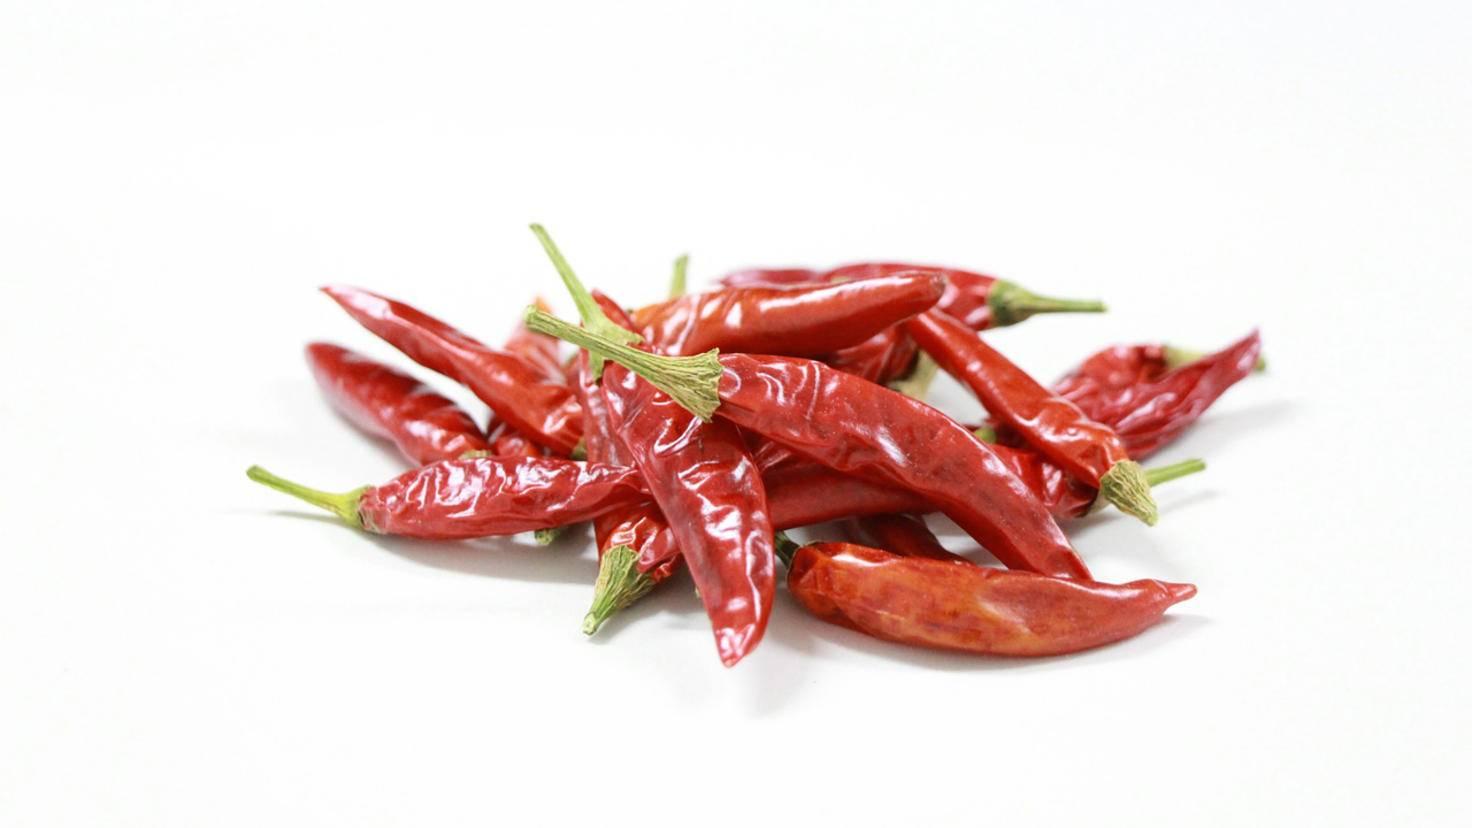 Ob roh oder getrocknet, als Schote oder gemahlen: Chili verschärft!